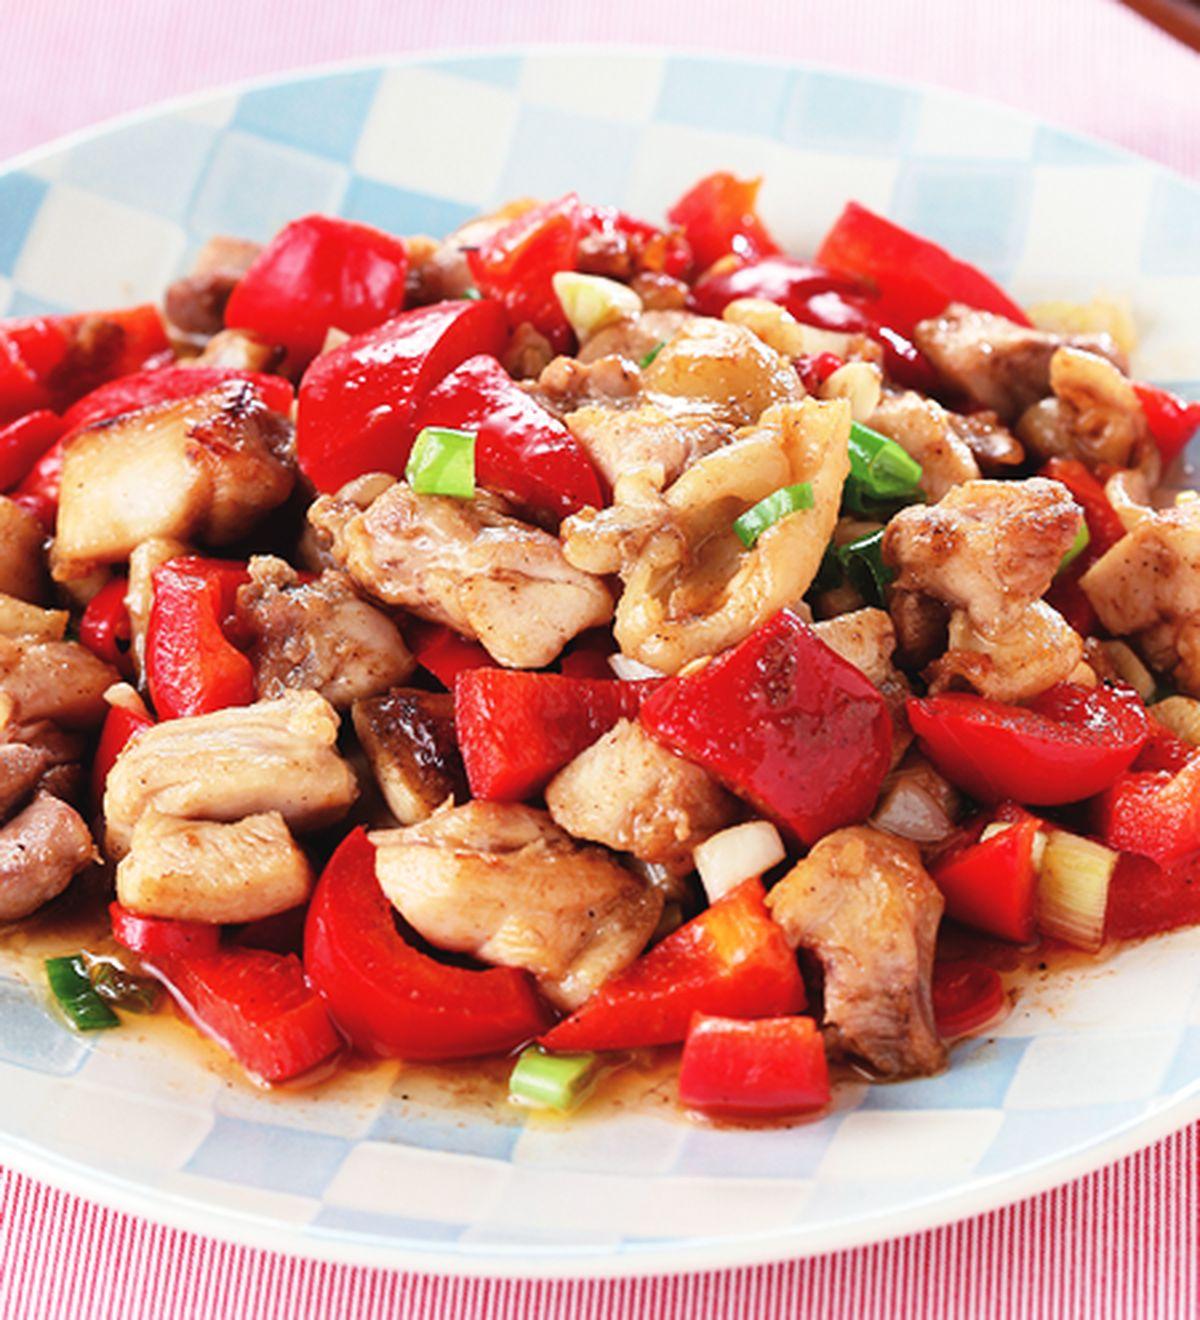 食譜:椒麻炒雞丁